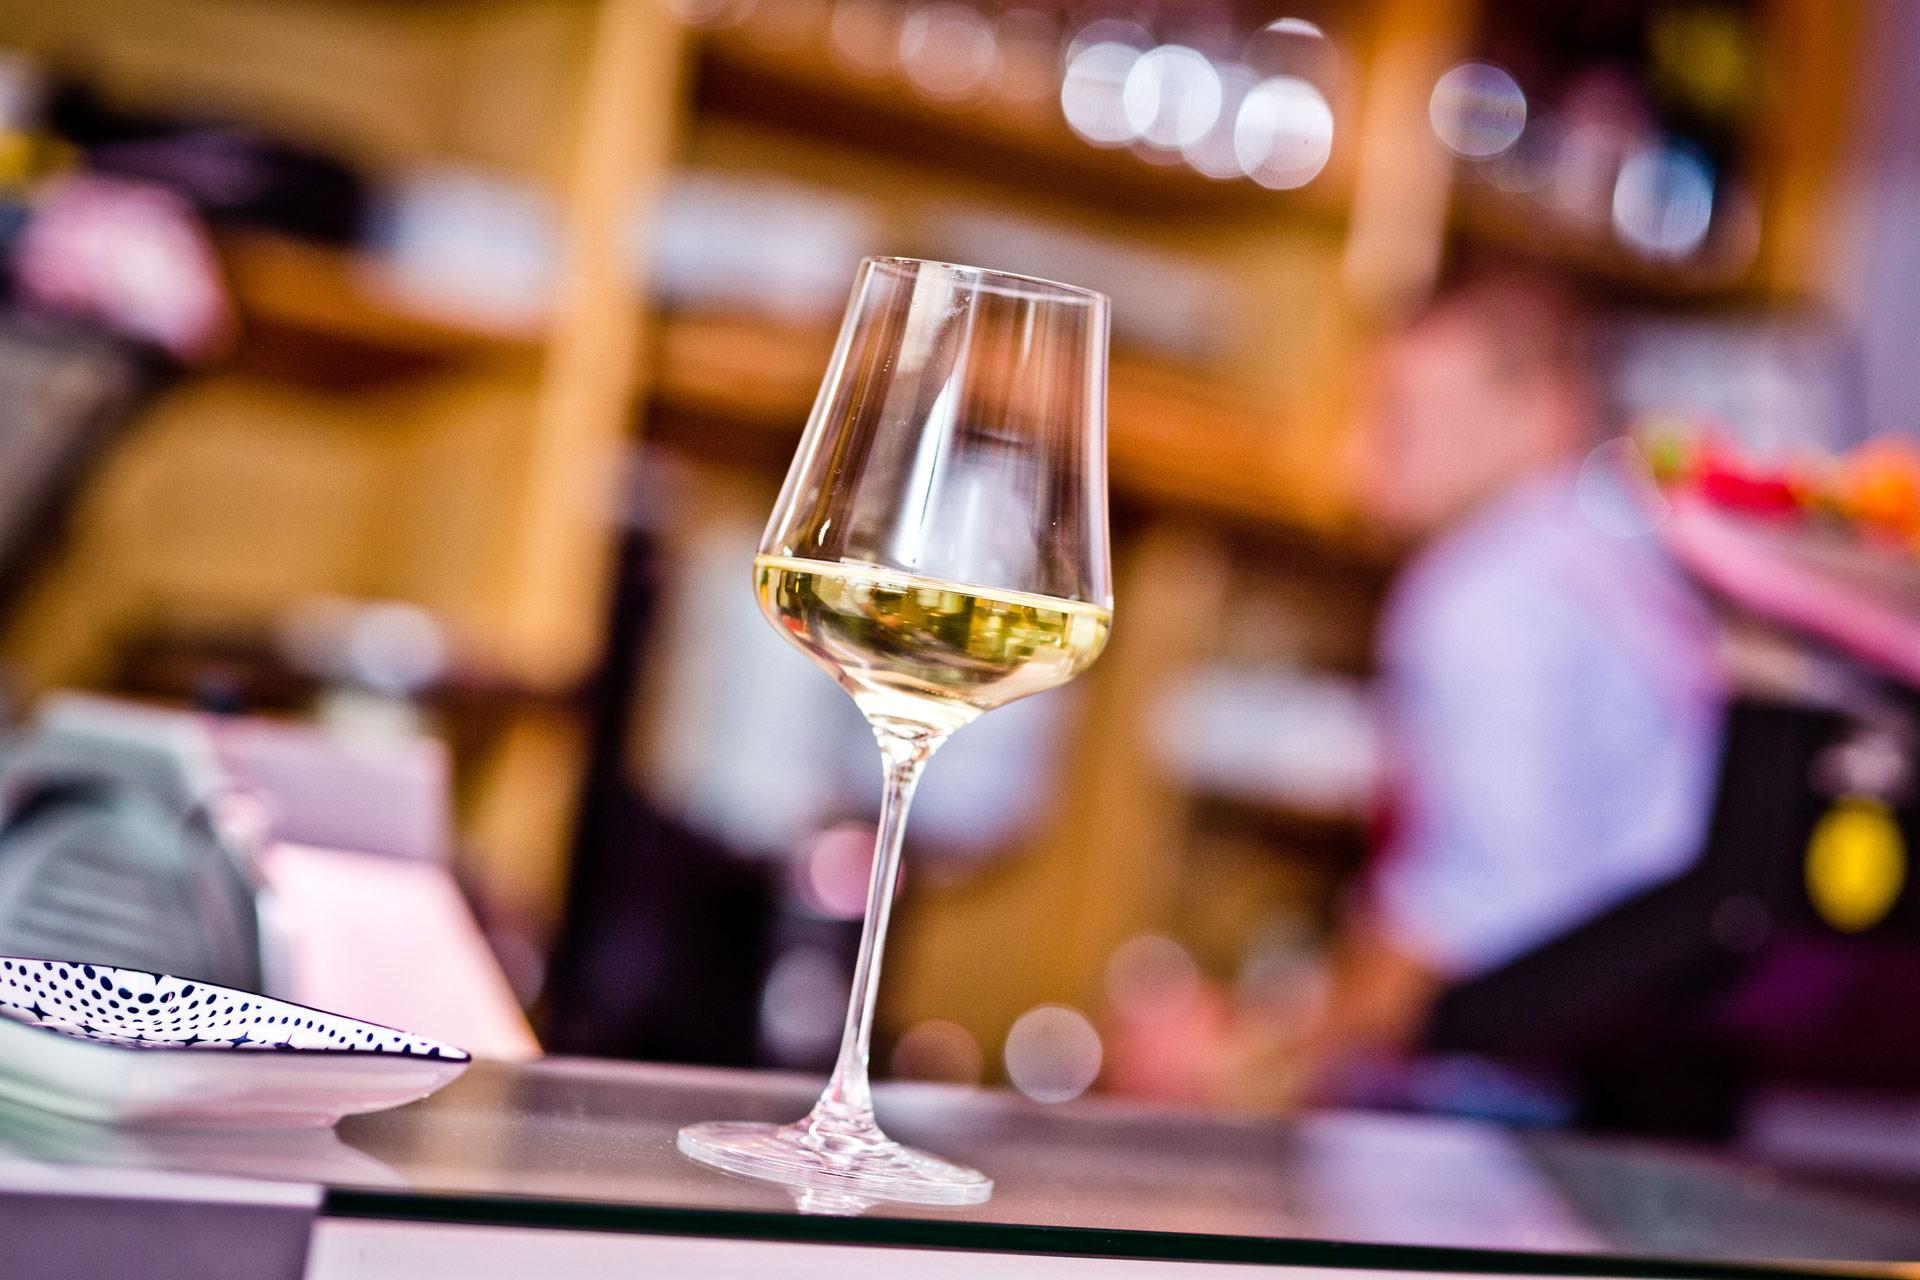 Weinglas auf der Theke